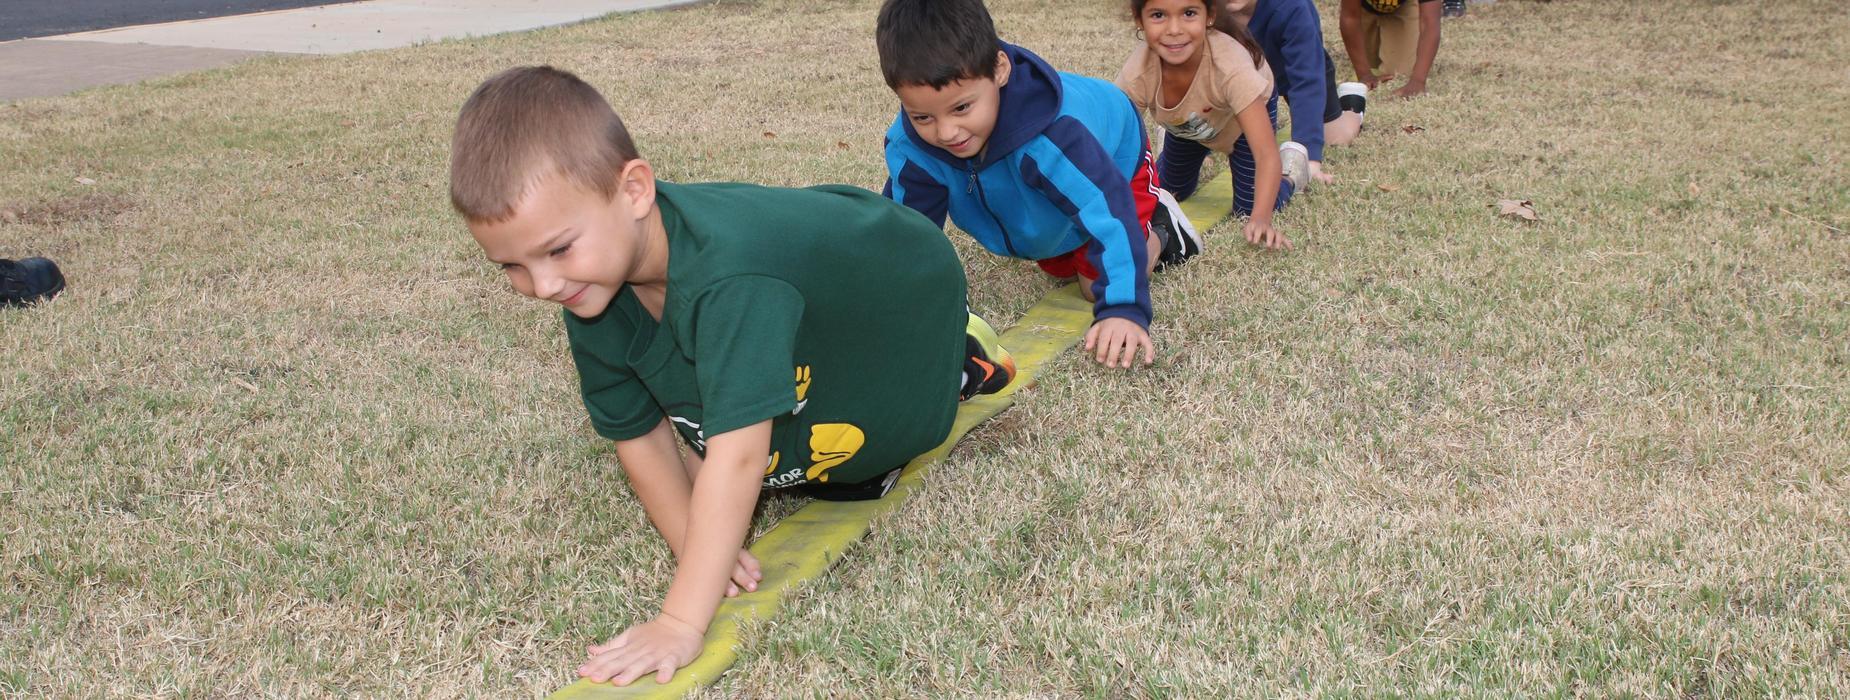 Students crawling